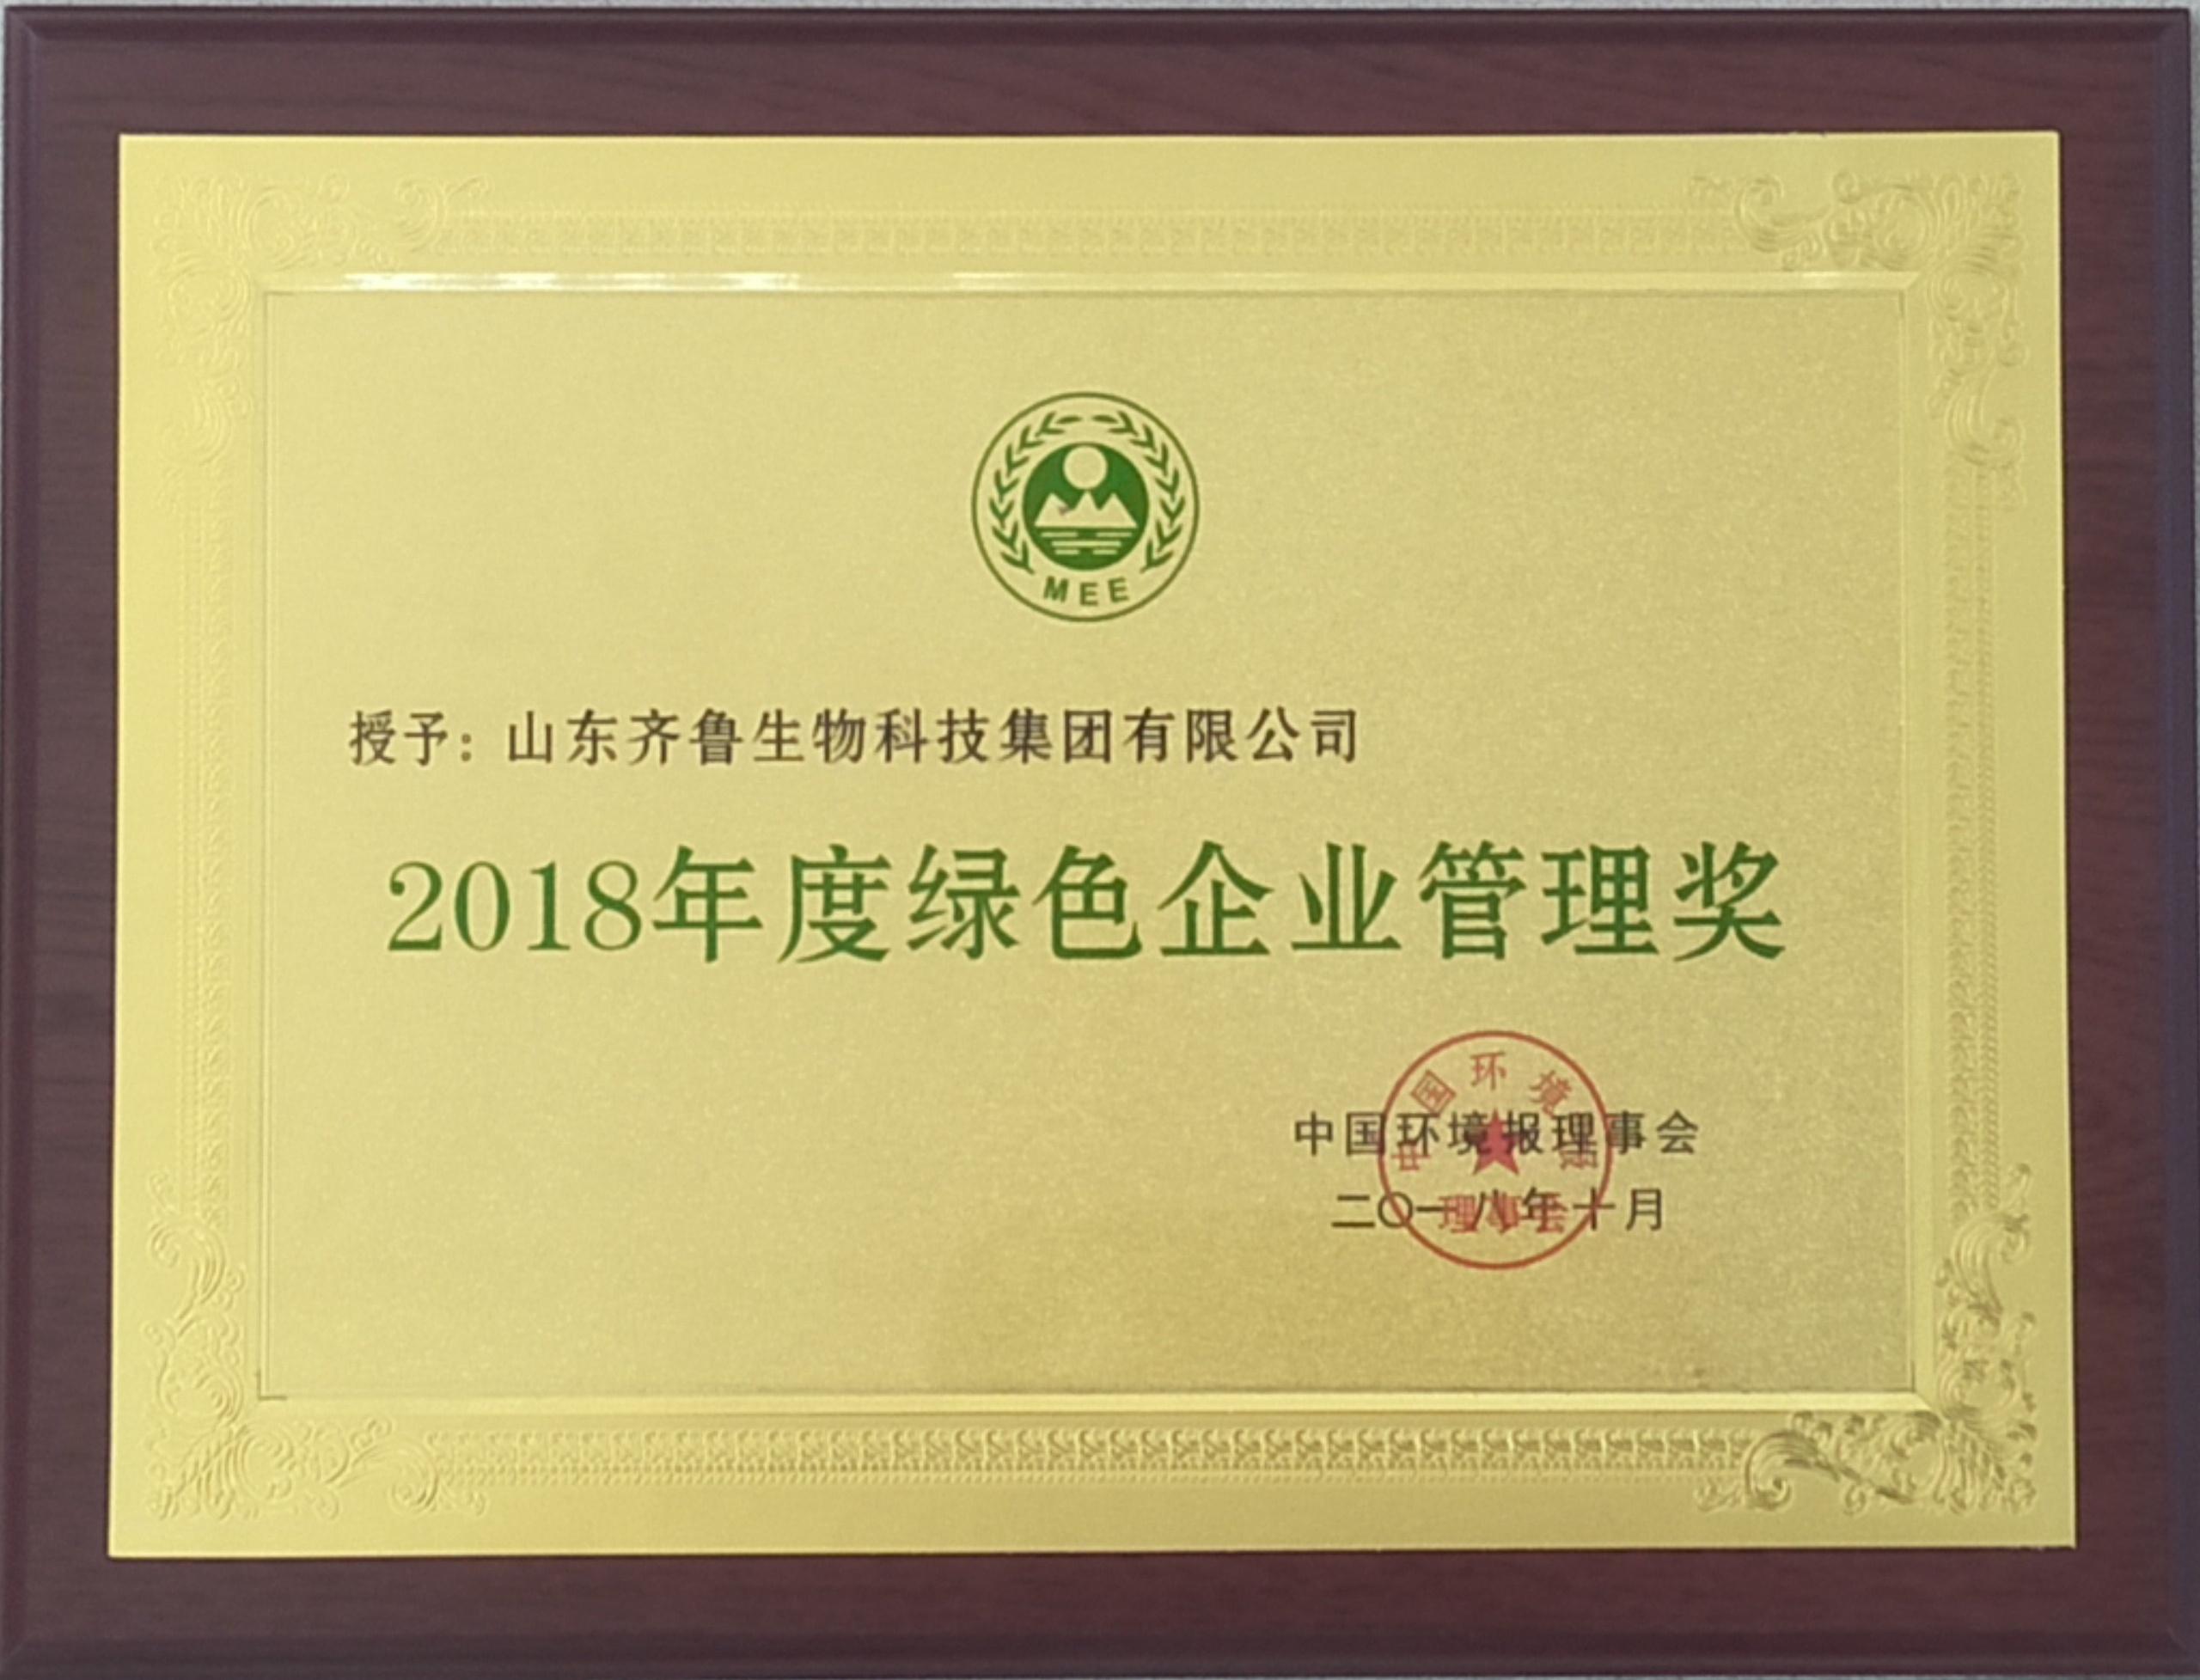 2018年度绿色企业管理奖